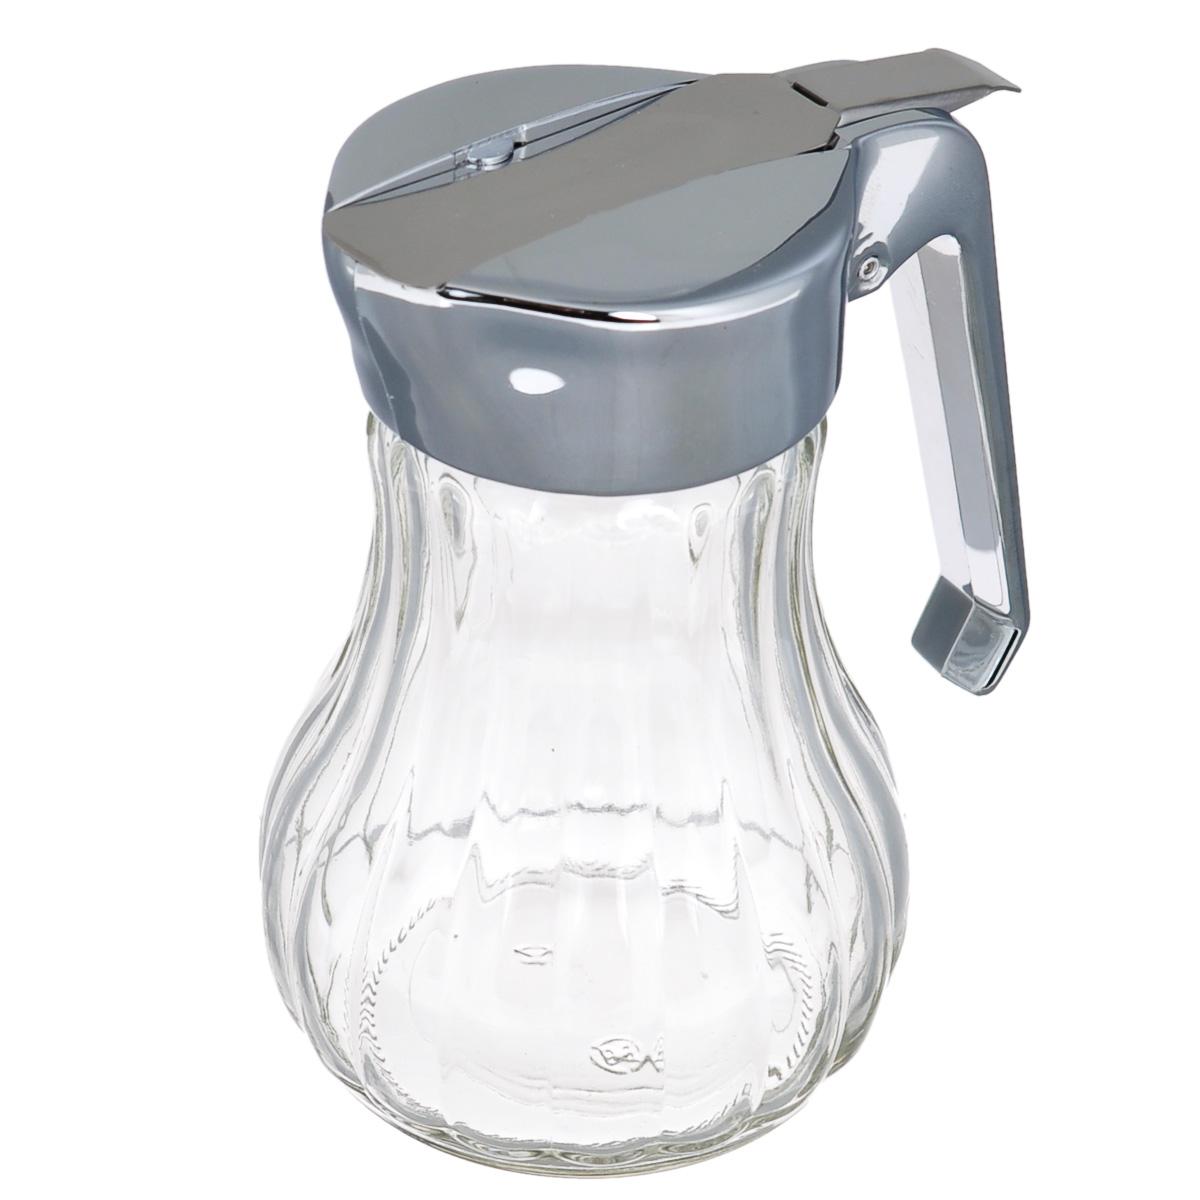 Сливочник Tescoma Classic, 250 мл115510Сливочник Tescoma Classic изготовлен из пластика и стекла. Изделие оснащено удобным дозатором и предназначено для сливок, молока или меда. Сливочник прекрасно подходит для сервировки стола, отлично вписывается в интерьер современной кухни, а также будет отличным подарком для любой хозяйки. Нельзя мыть в посудомоечной машине.